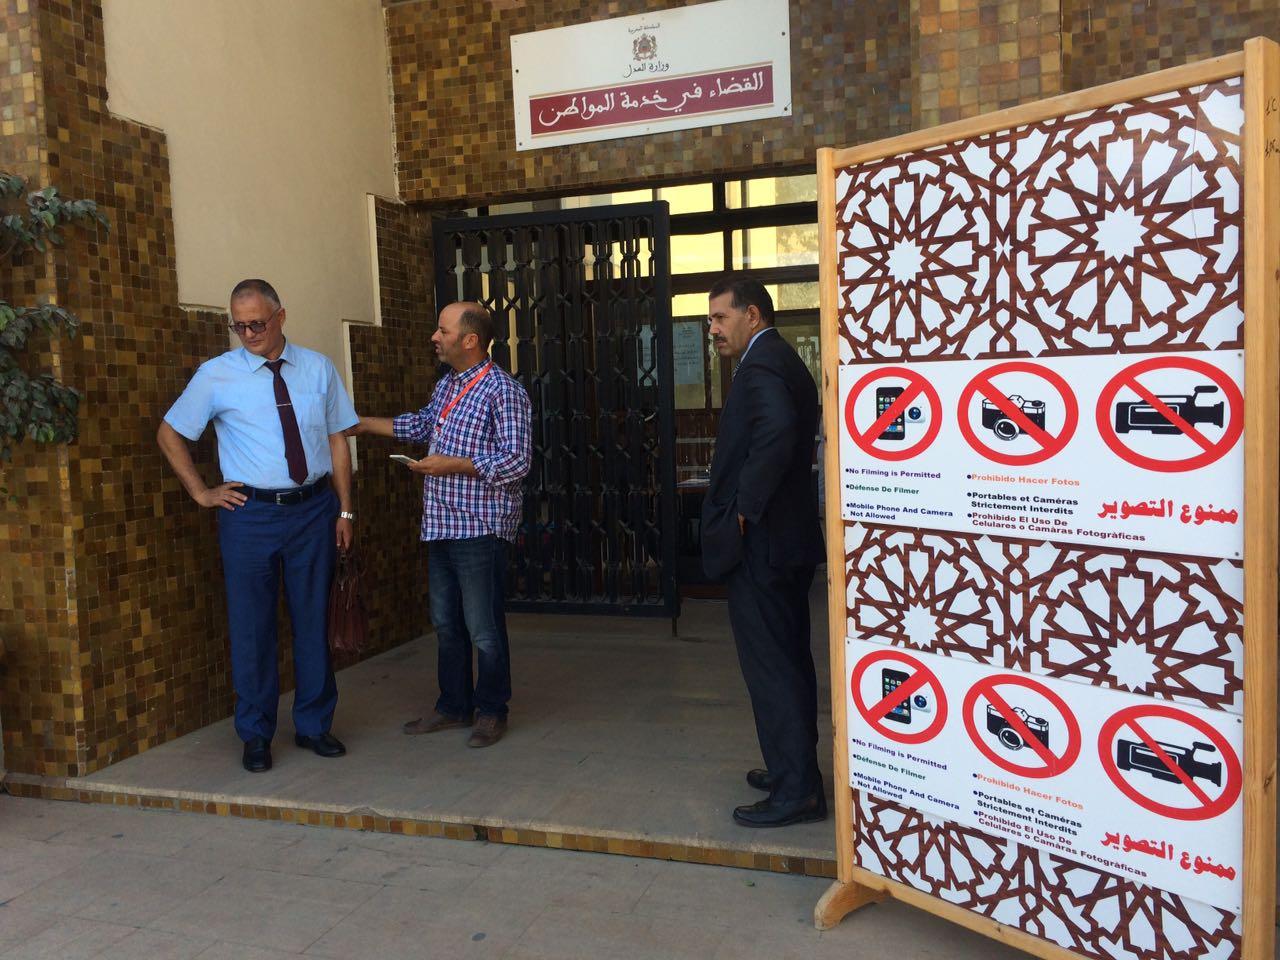 رفض طلبات السراح المؤقت لمعتقلي أحداث الحسيمة وللمهداوي